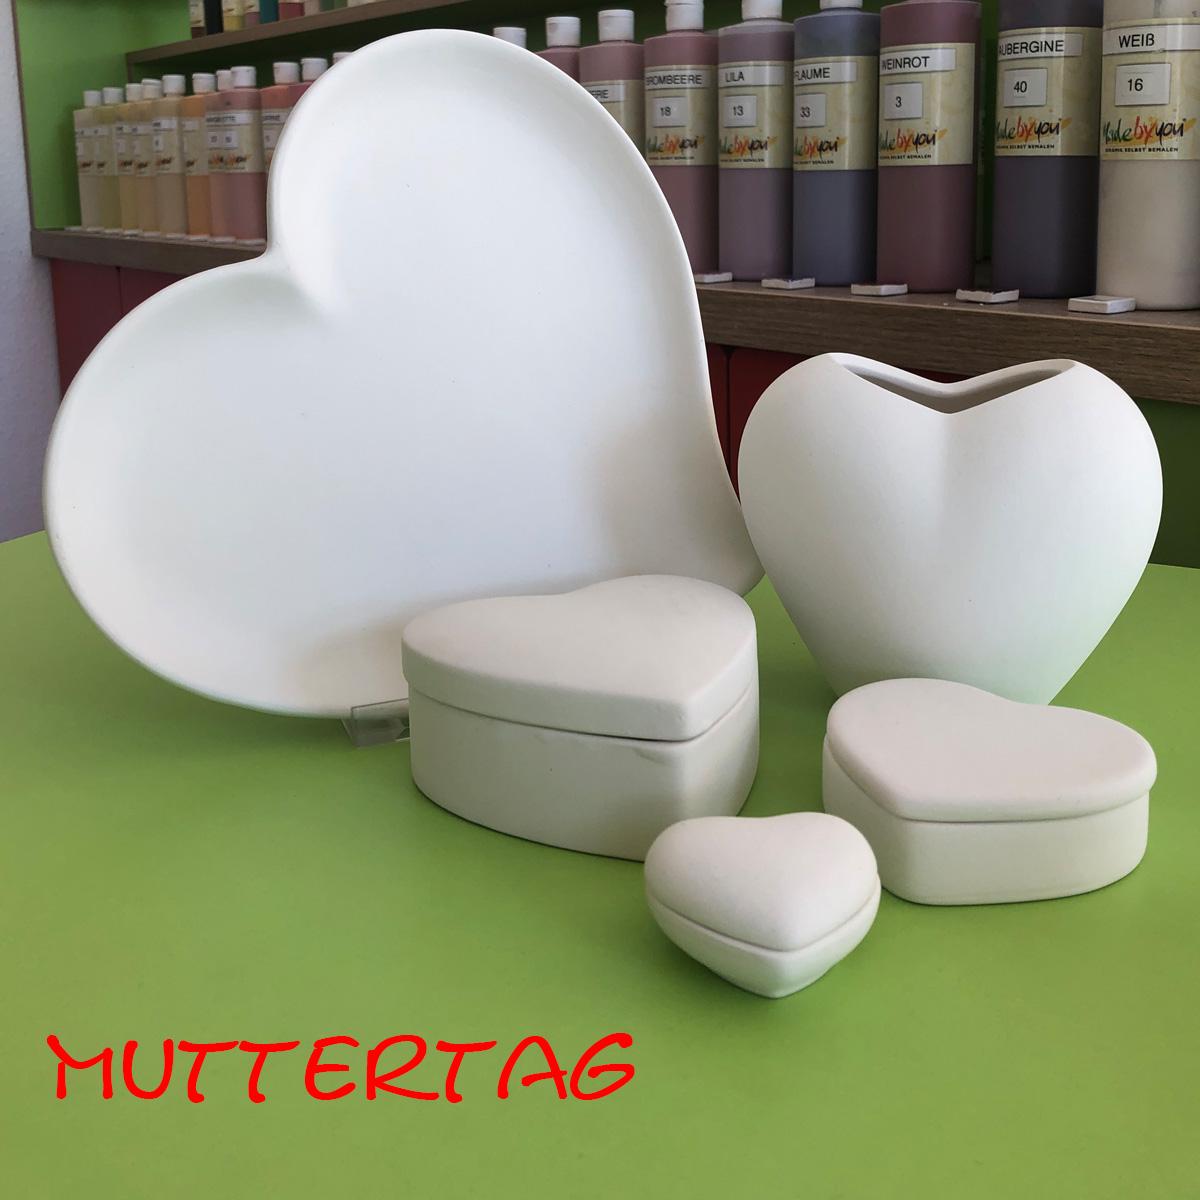 Keramik zum bemalen für Muttertag